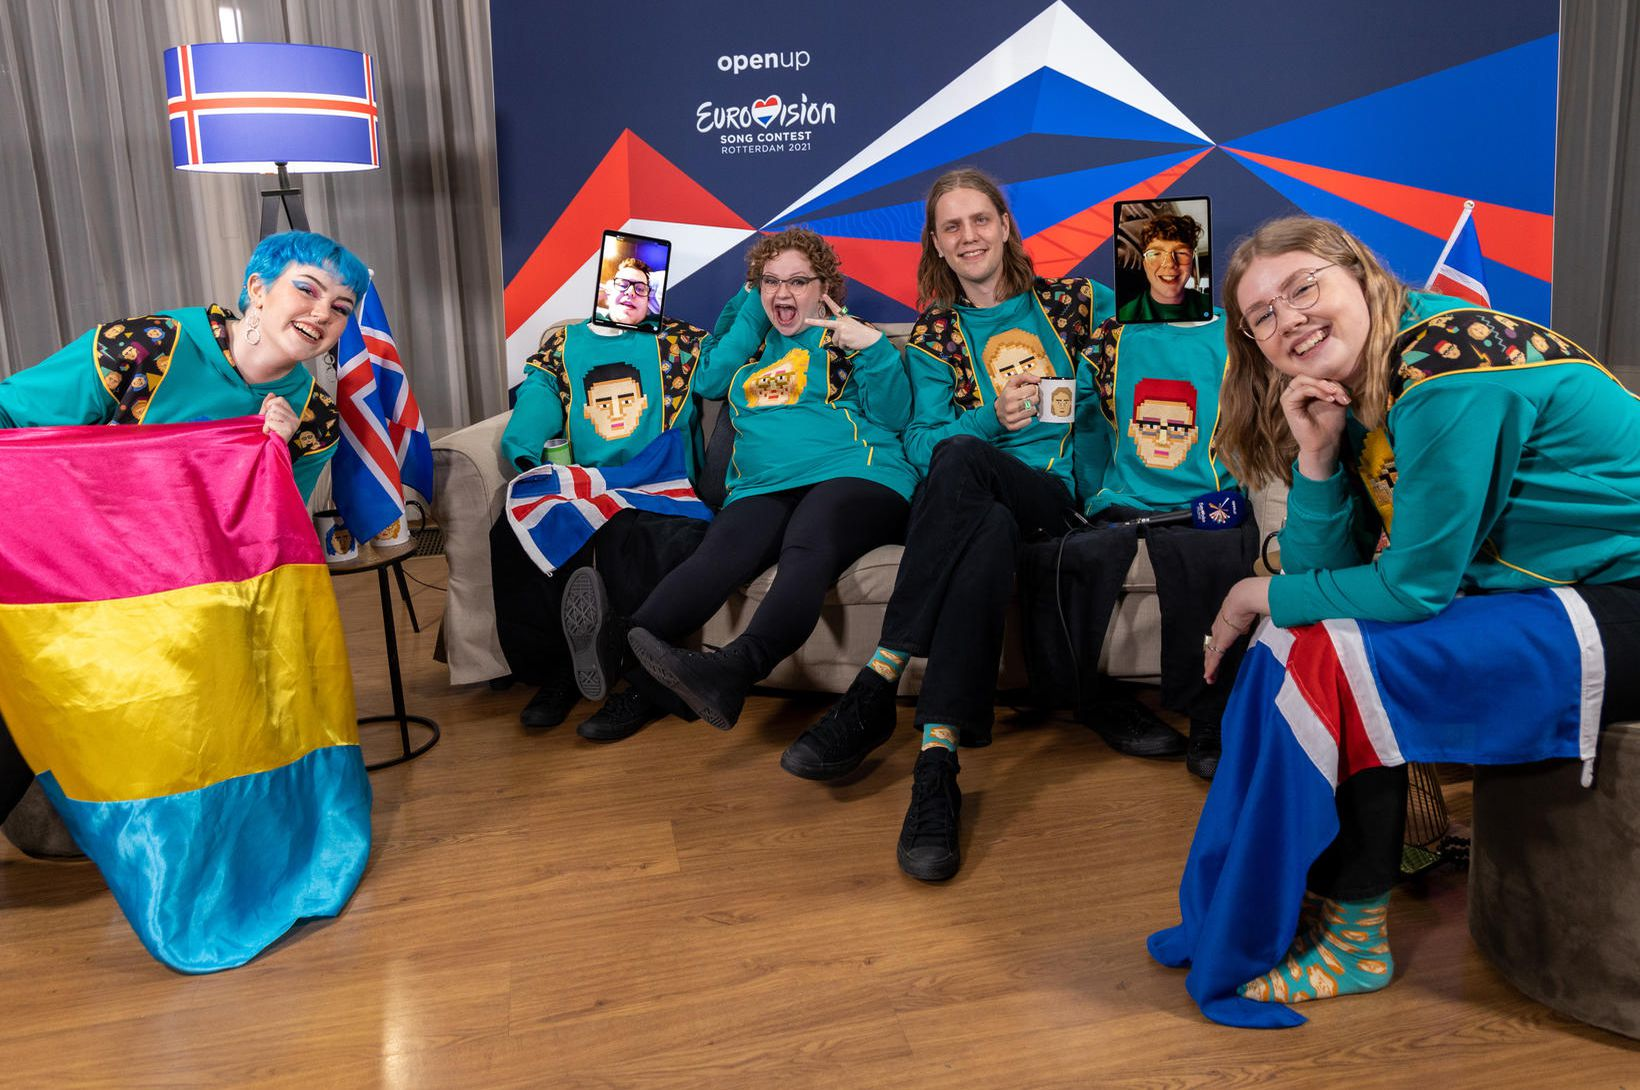 Engir fleiri greinst úr íslenska Eurovisionhópnum